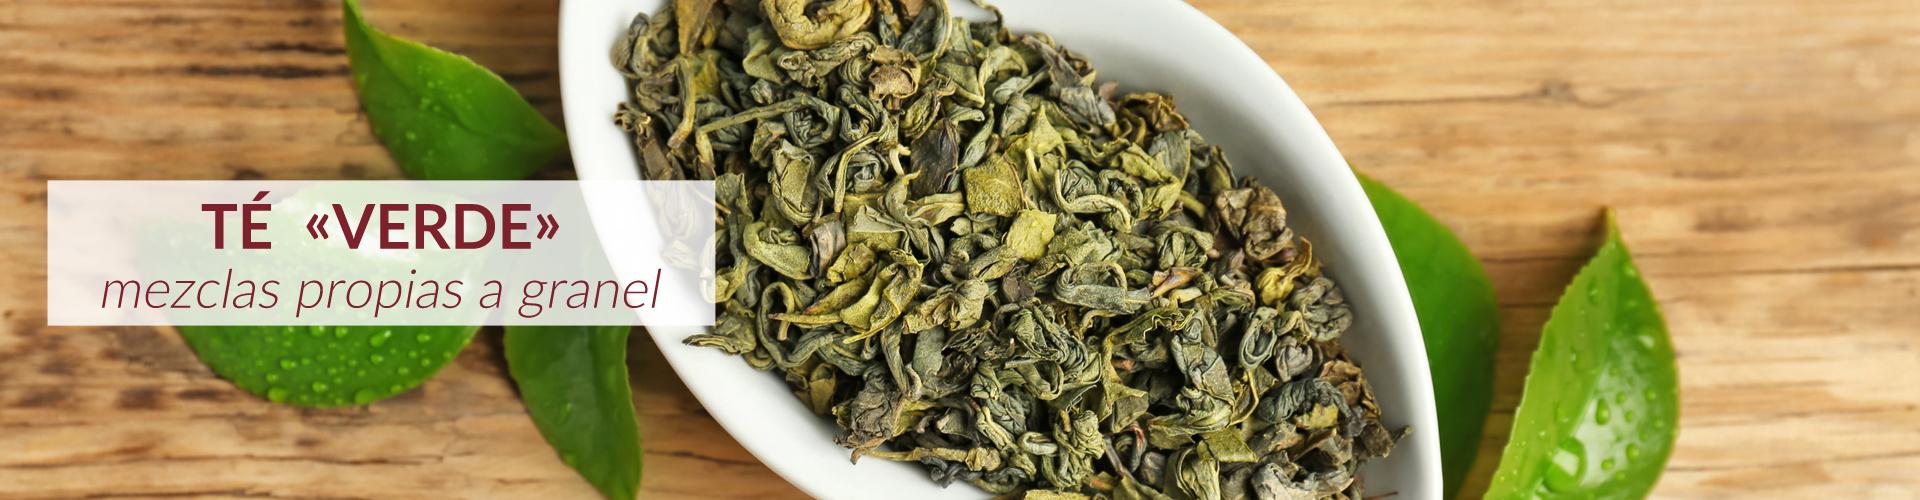 Tienda de té verde